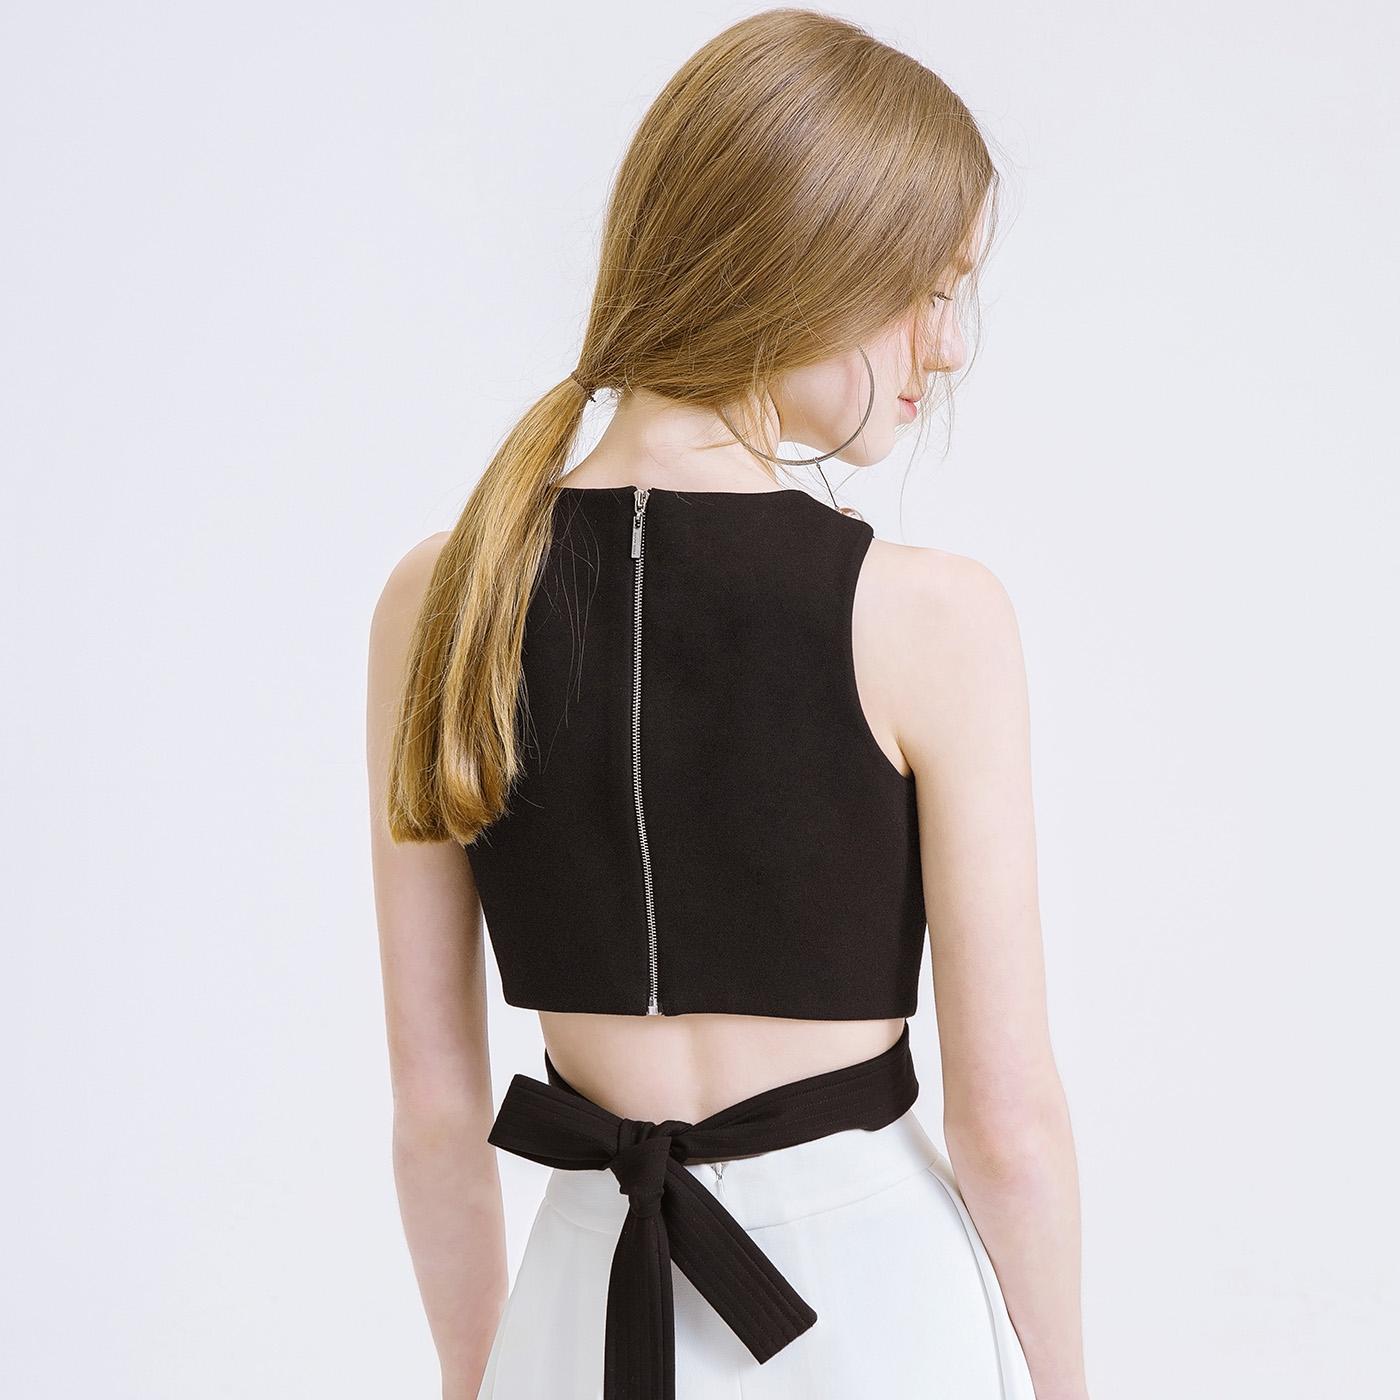 糖力夏装新款欧美女装圆领黑色无袖露肩短款上衣简约上装